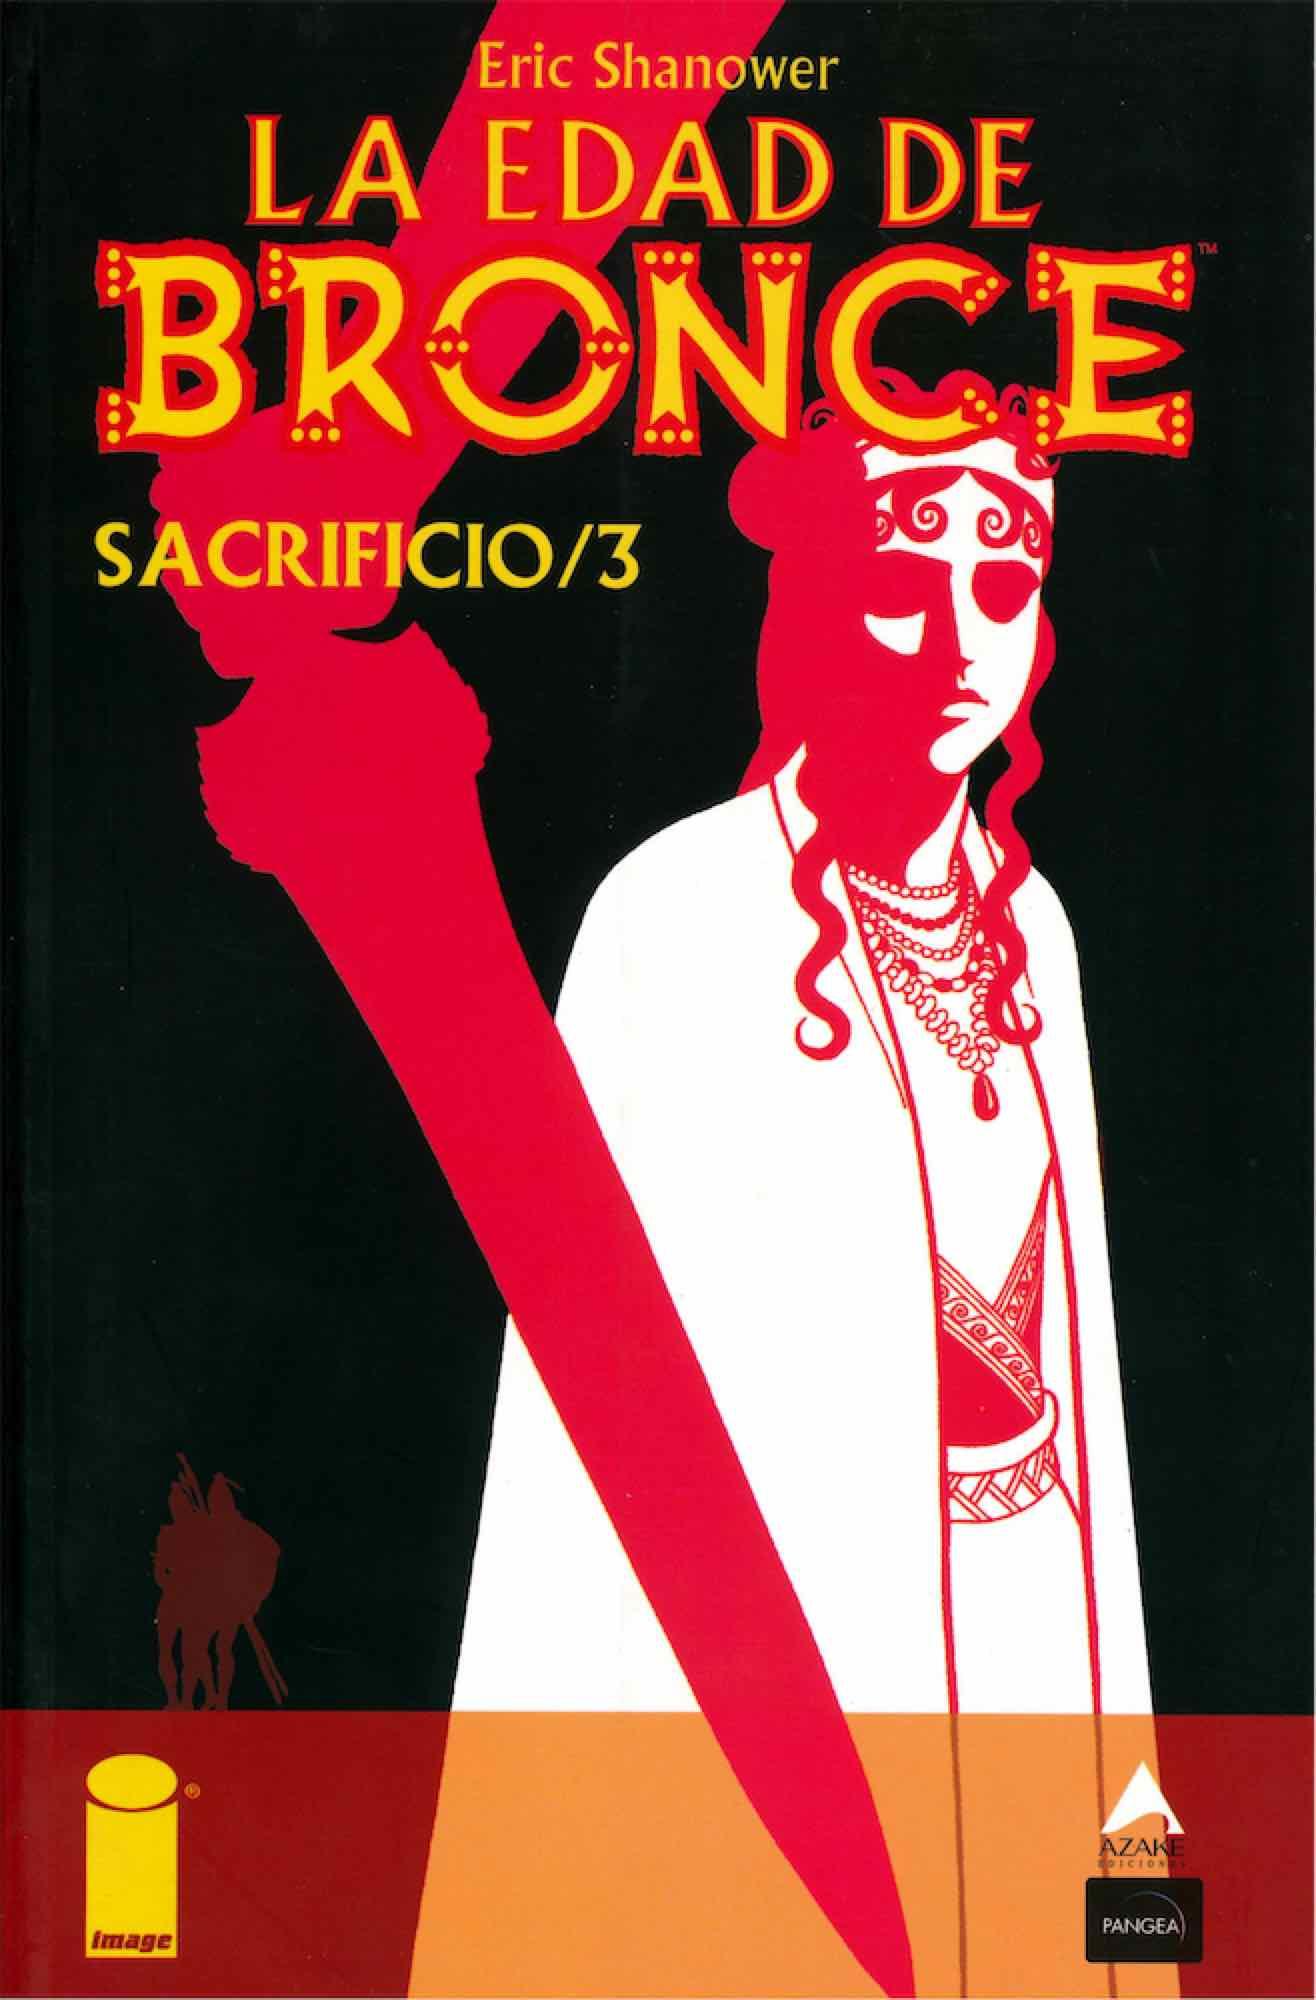 LA EDAD DE BRONCE 06. SACRIFICIO 3